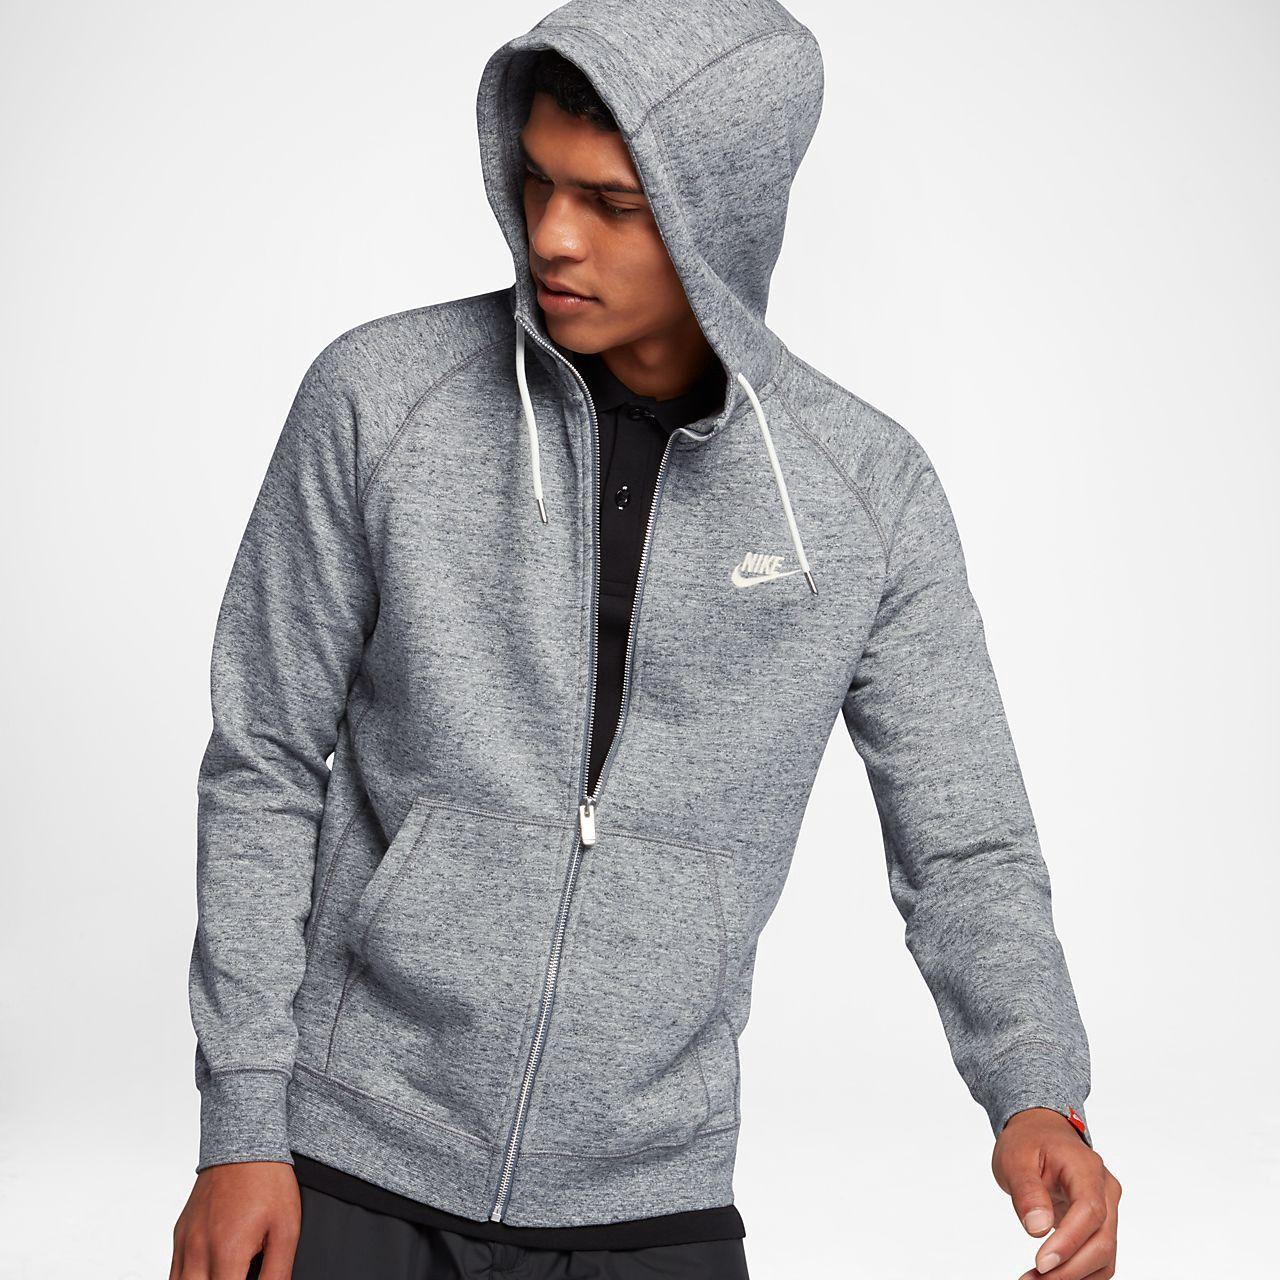 Grau Nike Legacy Full Zip Hoodies Herren Kaufen : Kleidung